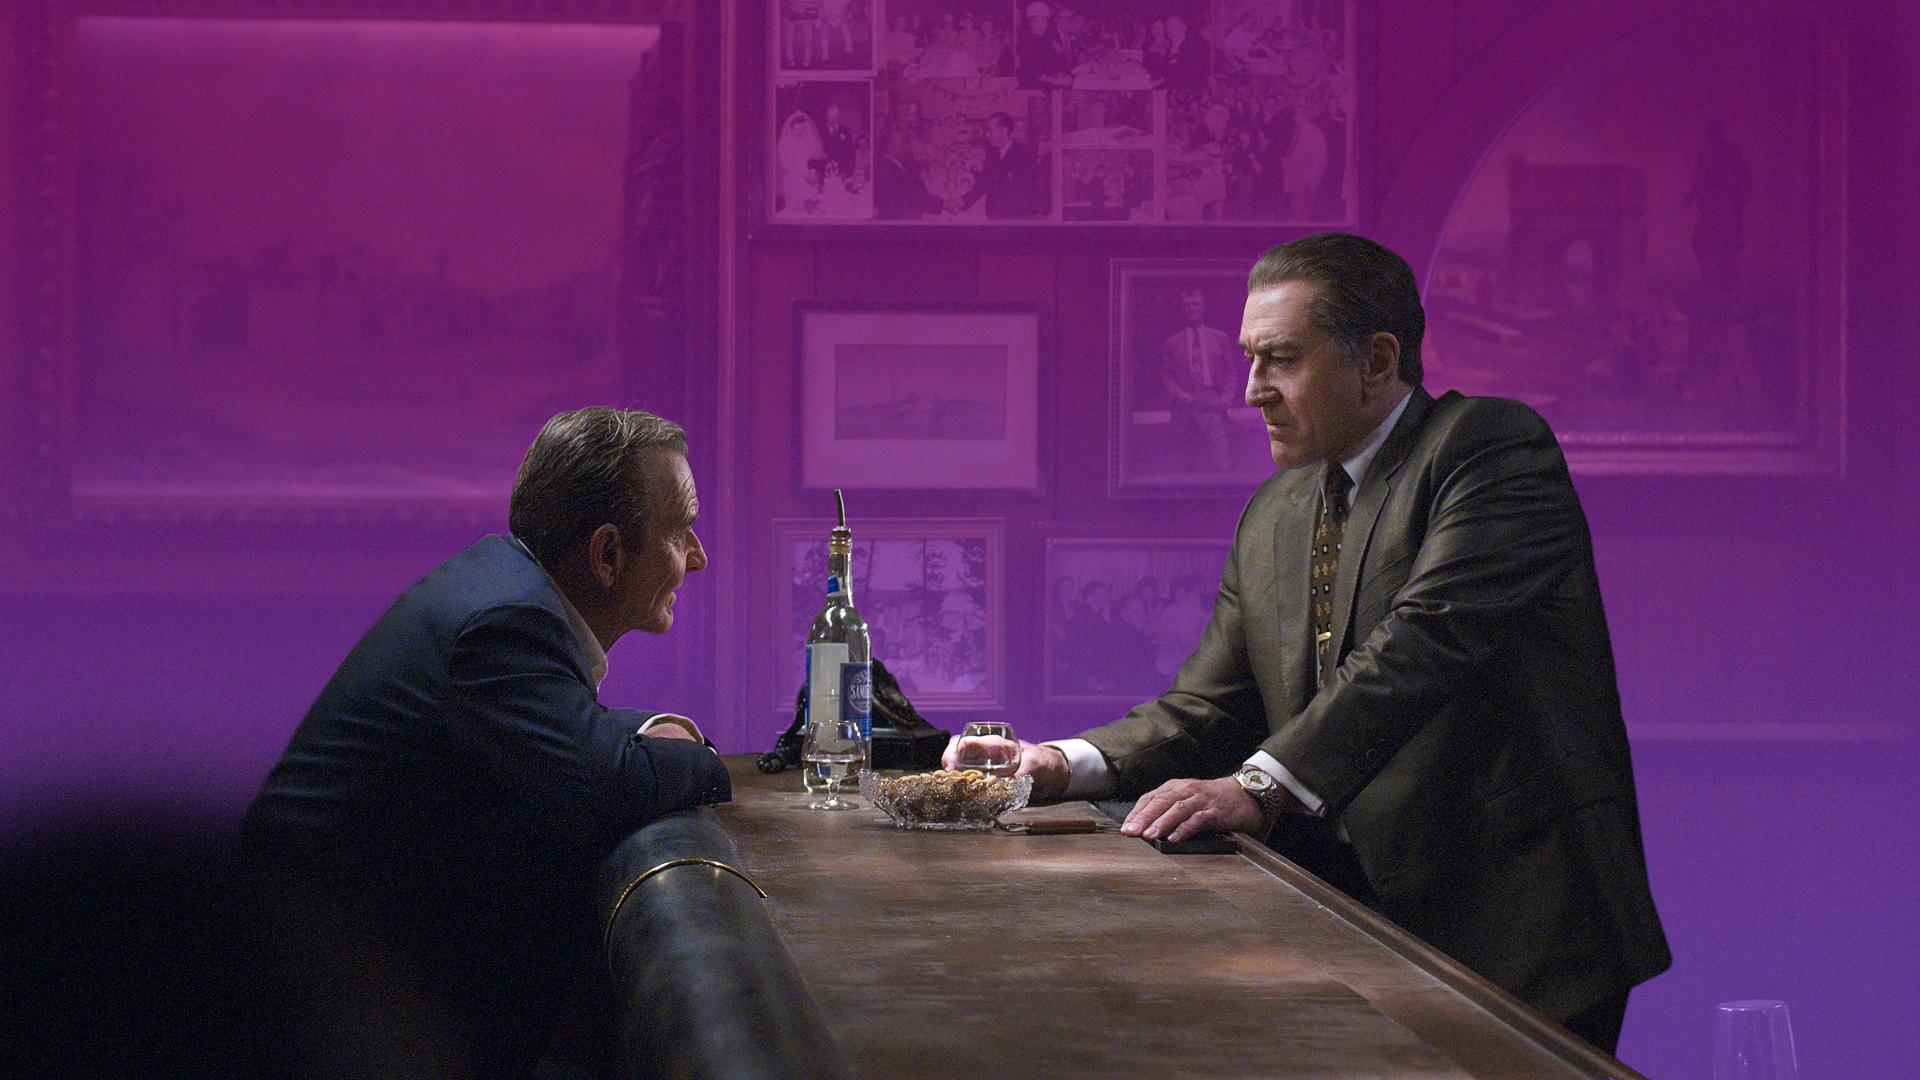 """Joe Pesci and Robert DeNiro in the film """"The Irishman"""""""